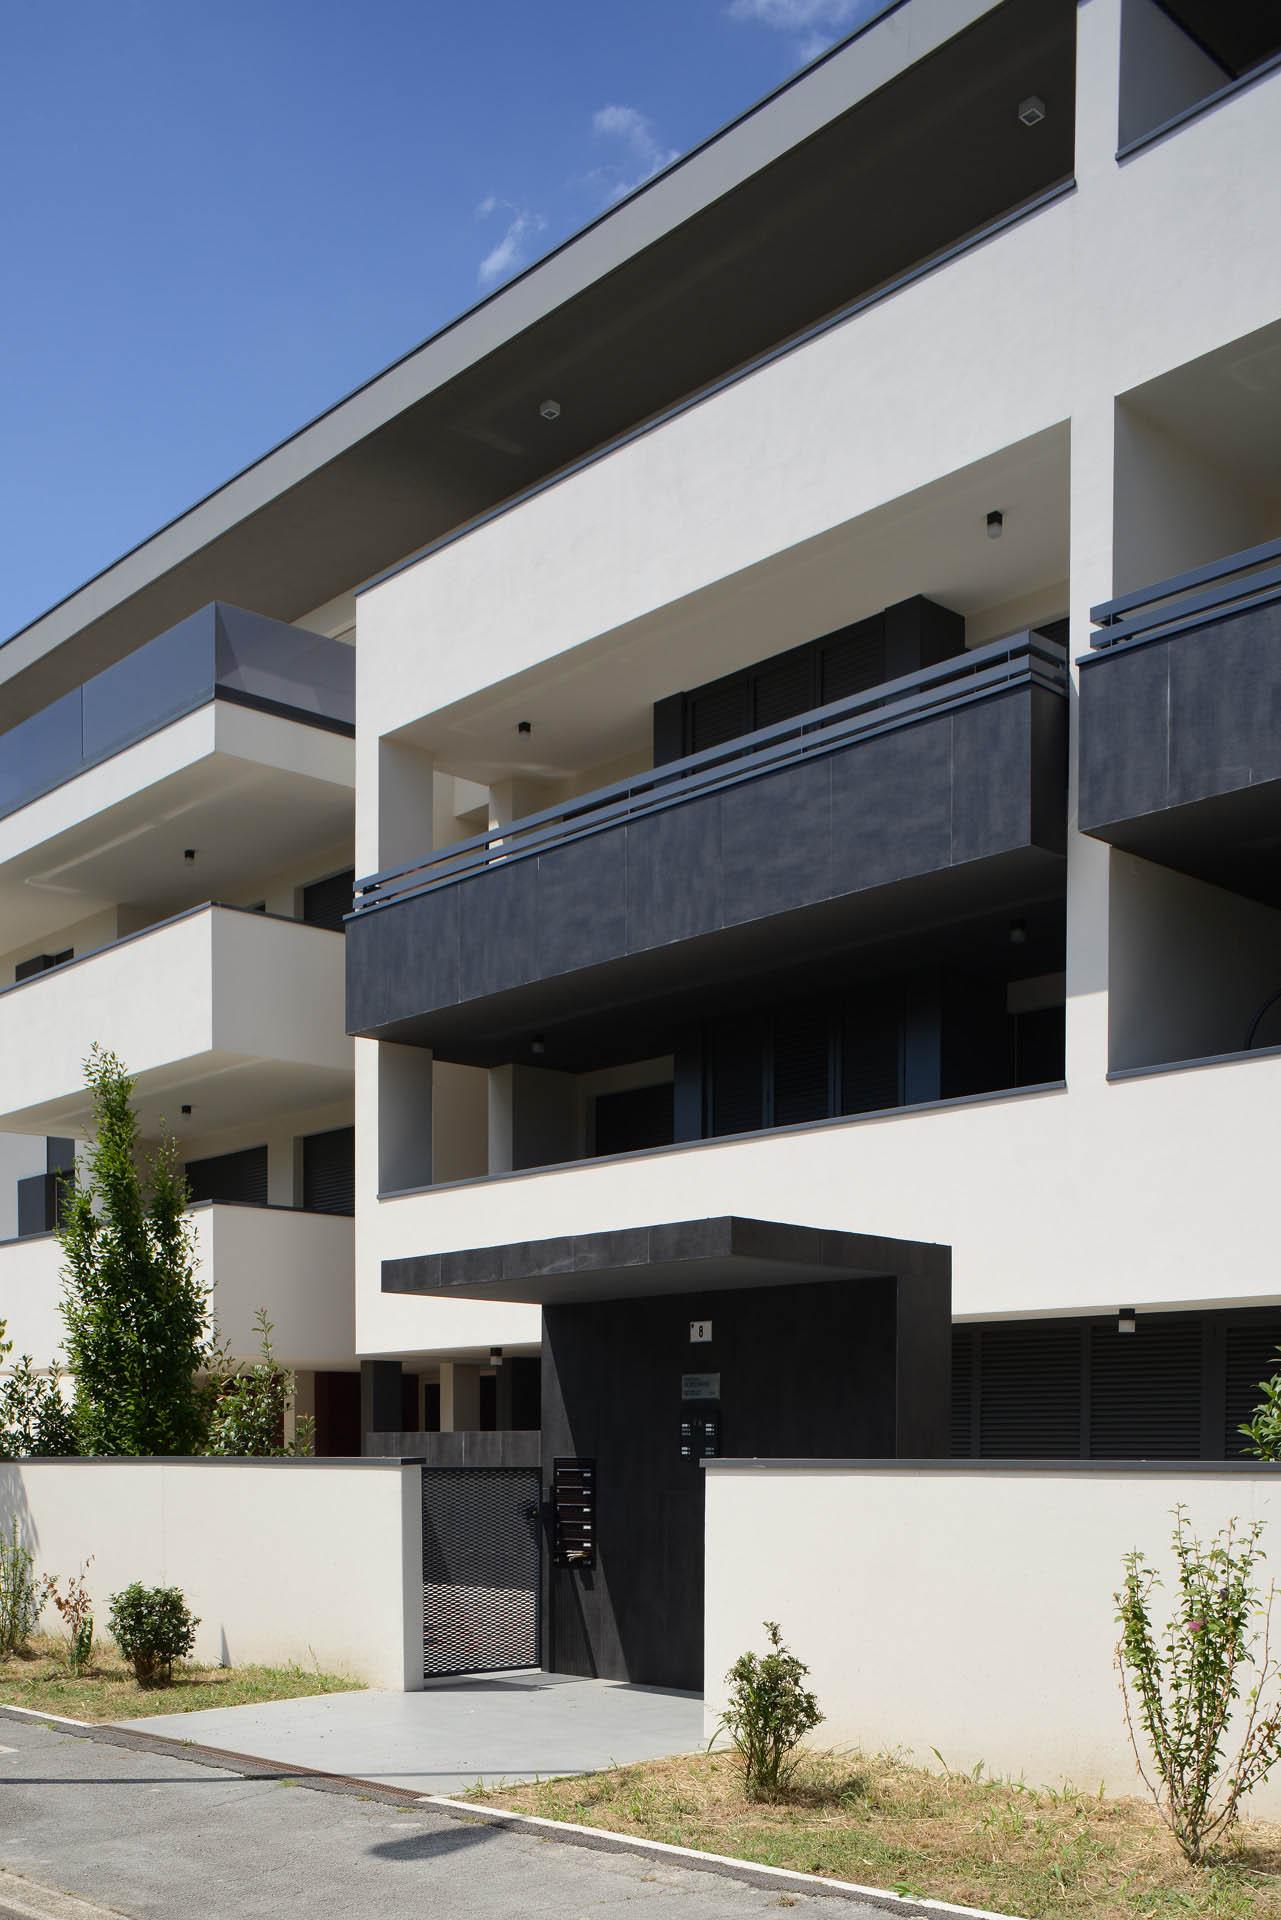 04 Studio Bacchi architetti associati condominio Schuman img 04